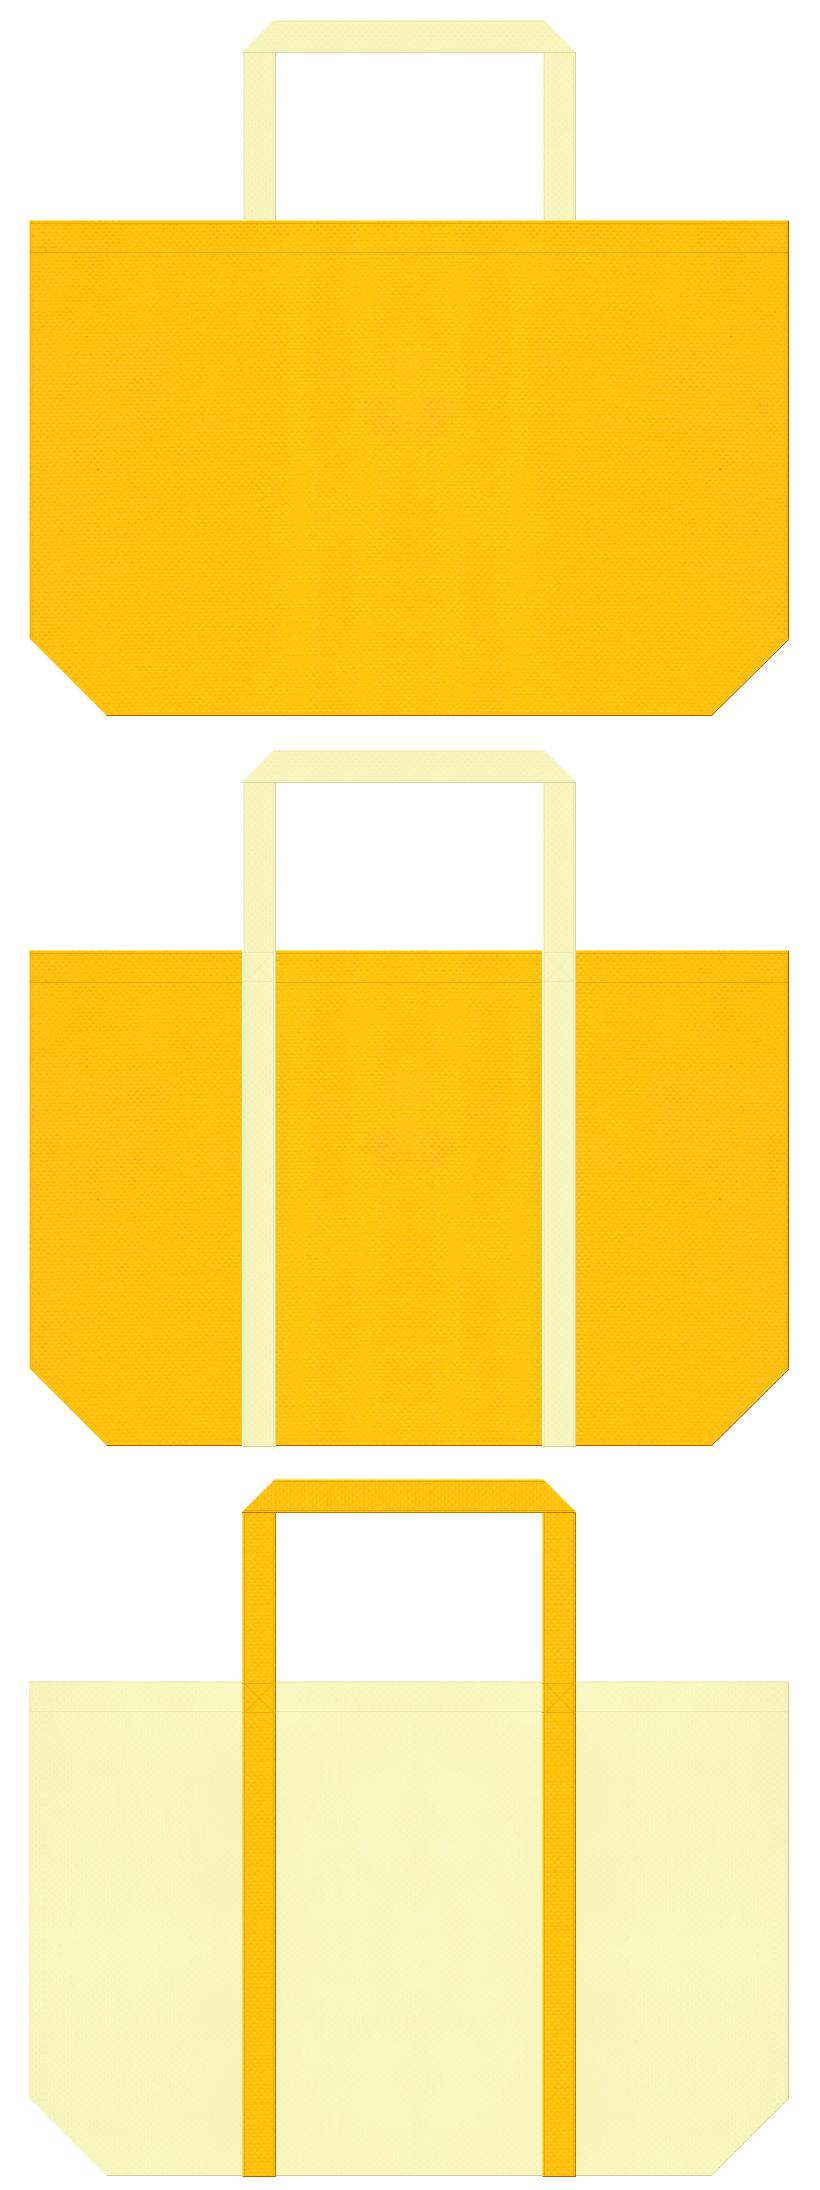 エンジェル・たまご・ひよこ・バター・ポテト・コーンスープ・レモン・バナナ・グレープフルーツ・ビタミン・菜の花・テーマパー・ク・交通安全・通園バッグ・キッズイベントにお奨めの不織布バッグデザイン:黄色と薄黄色のコーデ